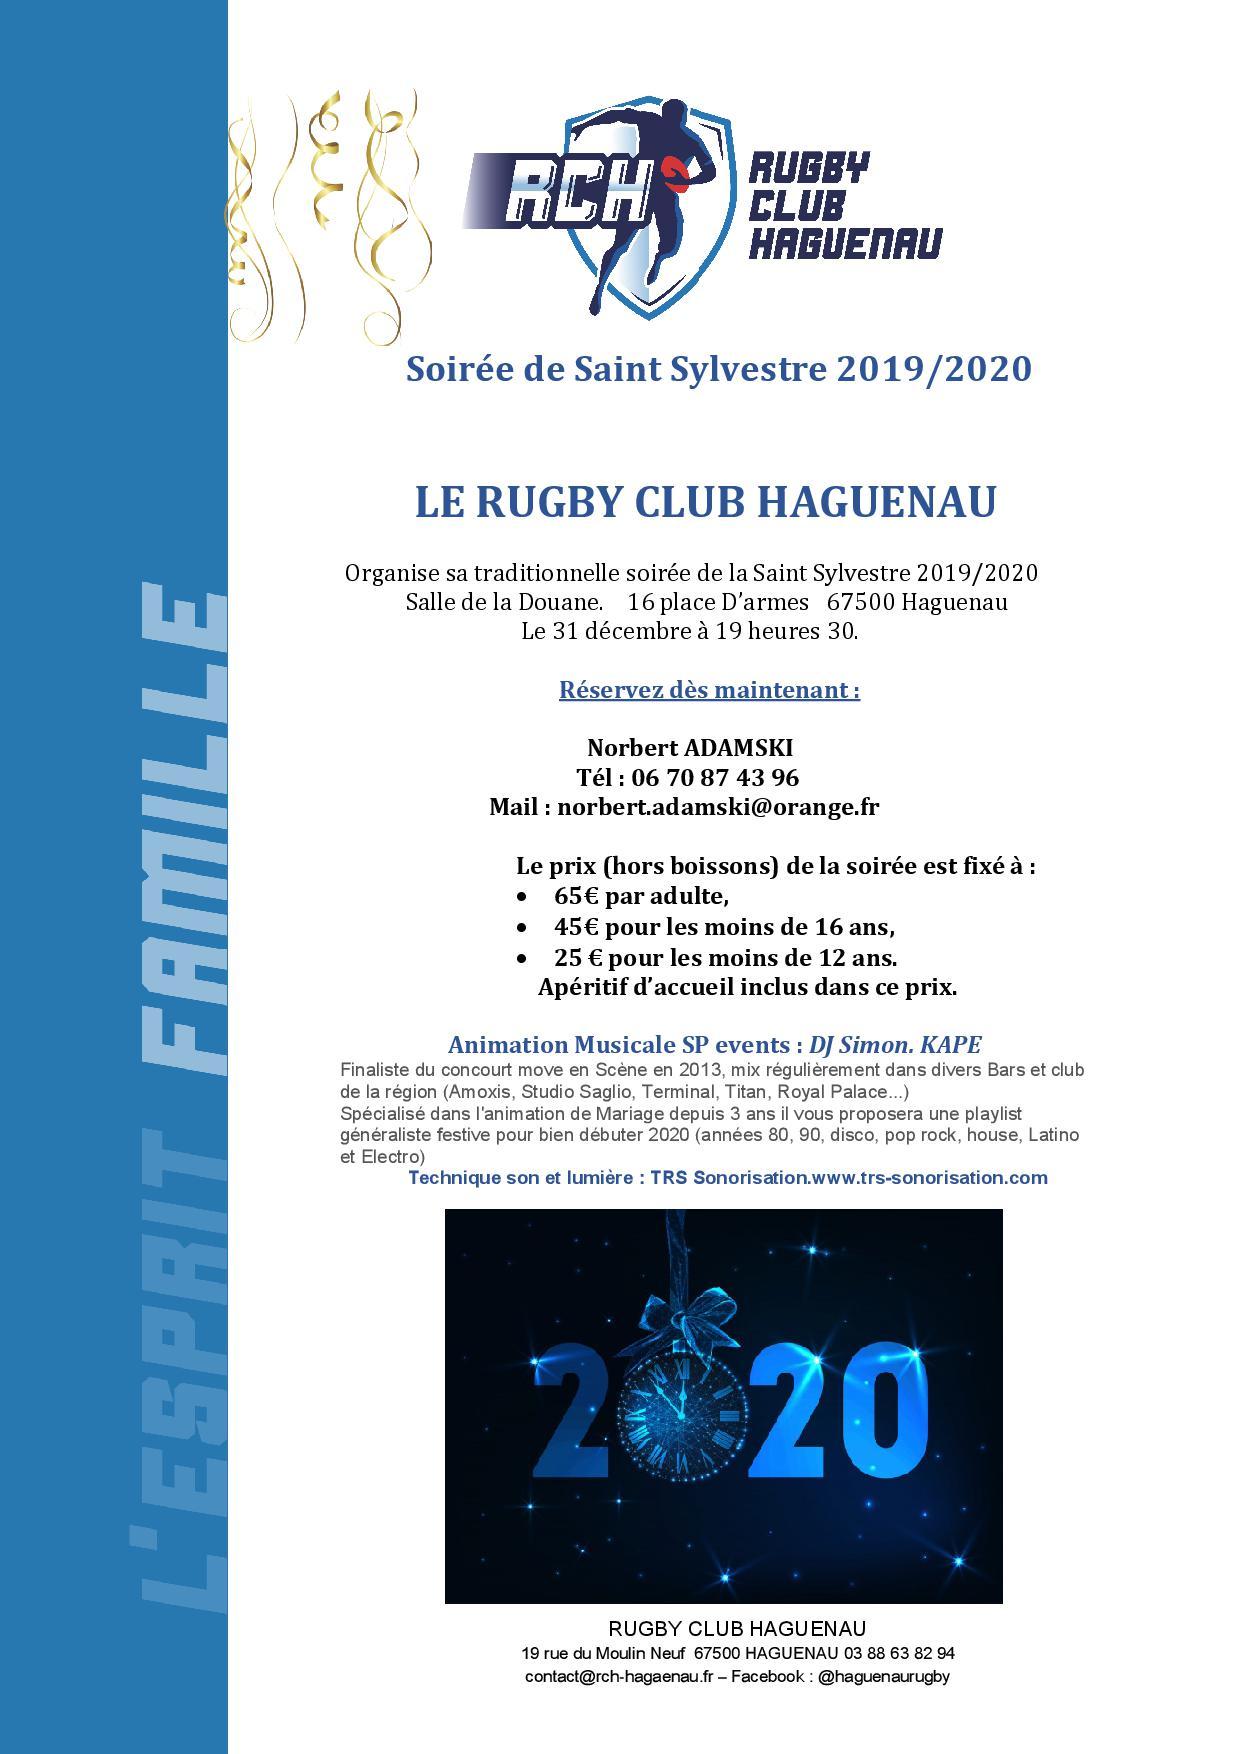 Soirée dansante de Nouvel An - Rugby Club